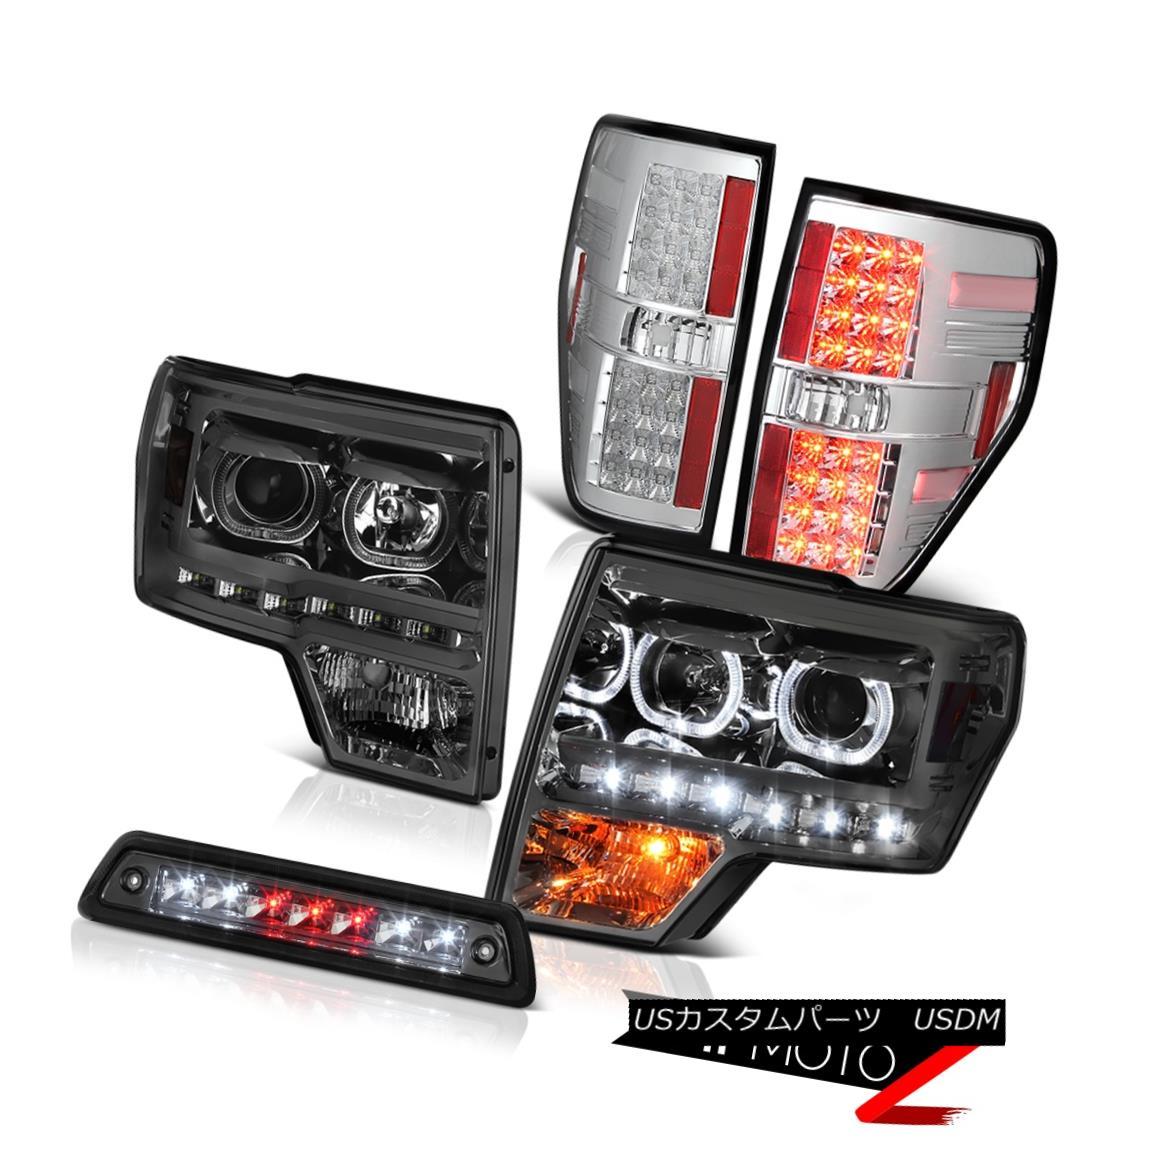 テールライト 09-14 F150 FX4 Roof cab lamp taillamps headlamps LED SMD Halo Rim